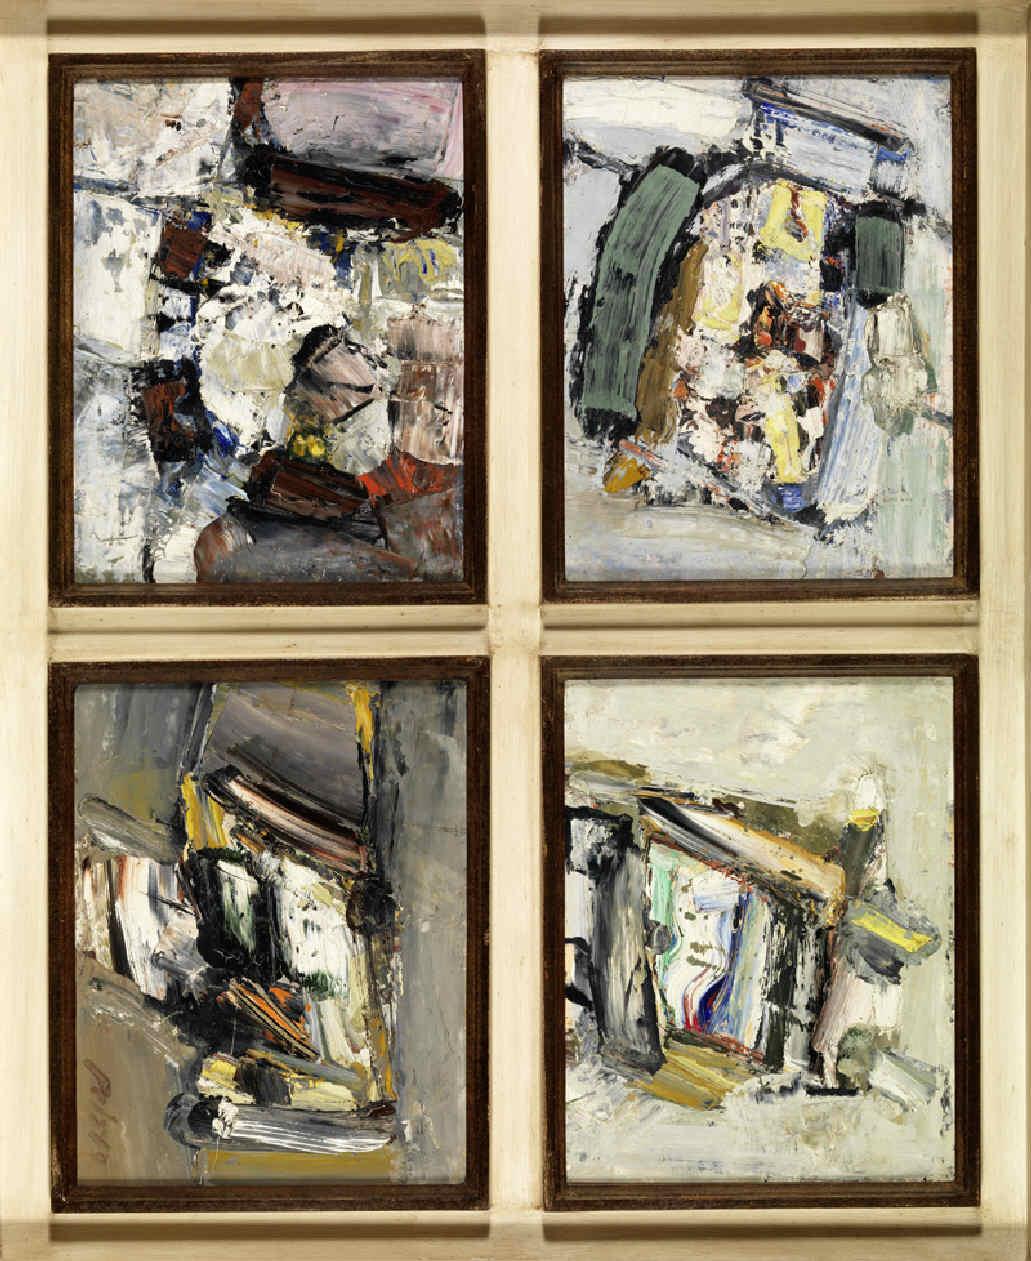 PELAYO, Orlando, <i>Composición abstracta IV</i>